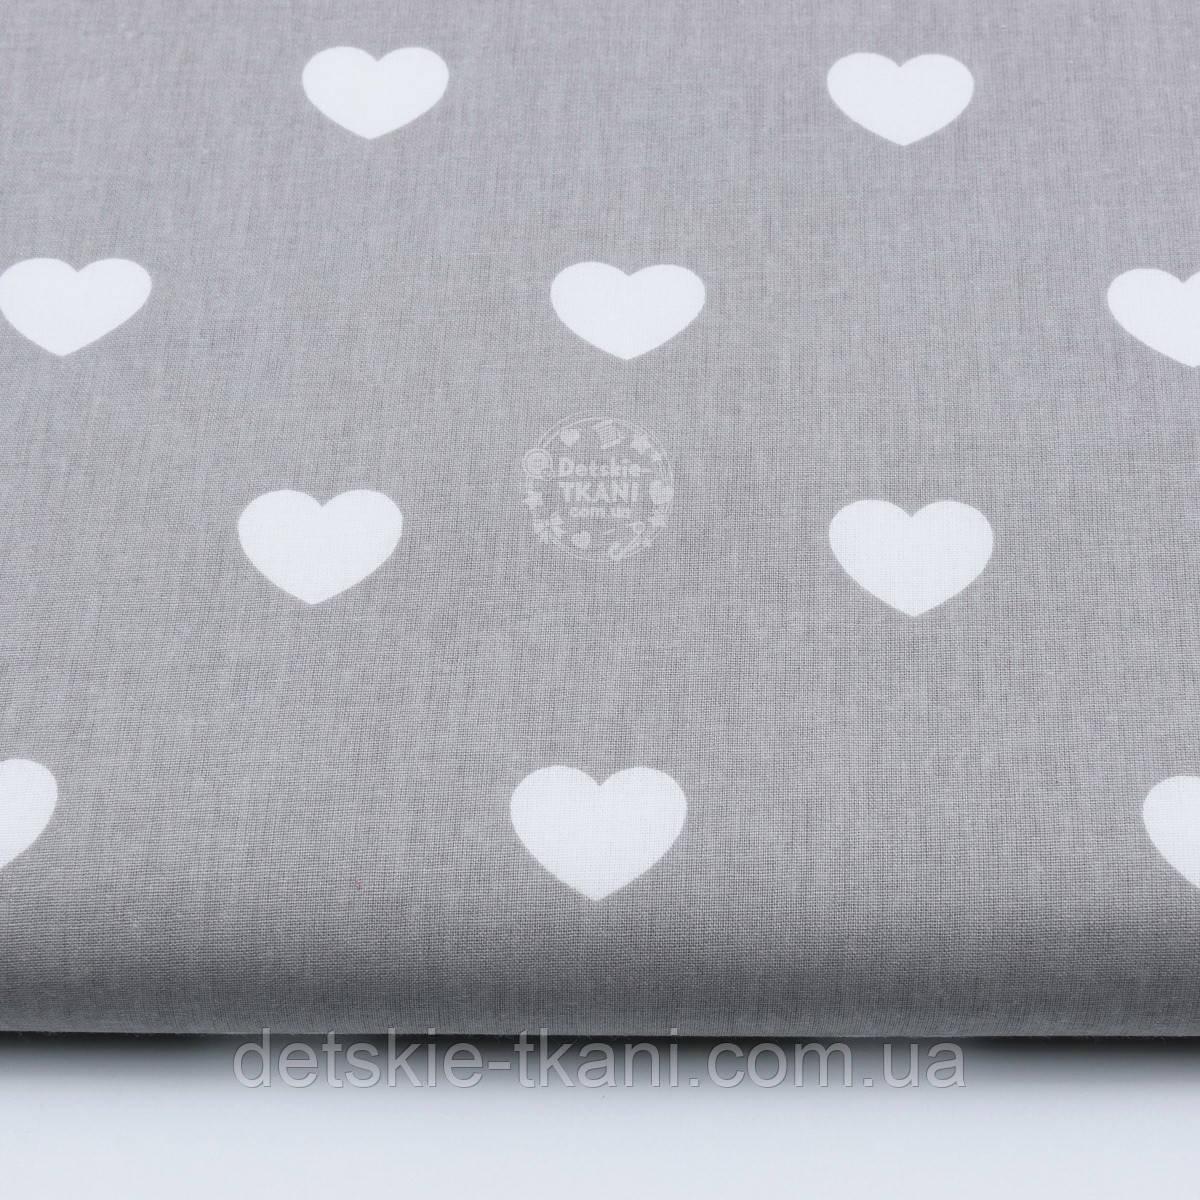 Польская ткань с белыми сердечками 3 см на сером фоне №402